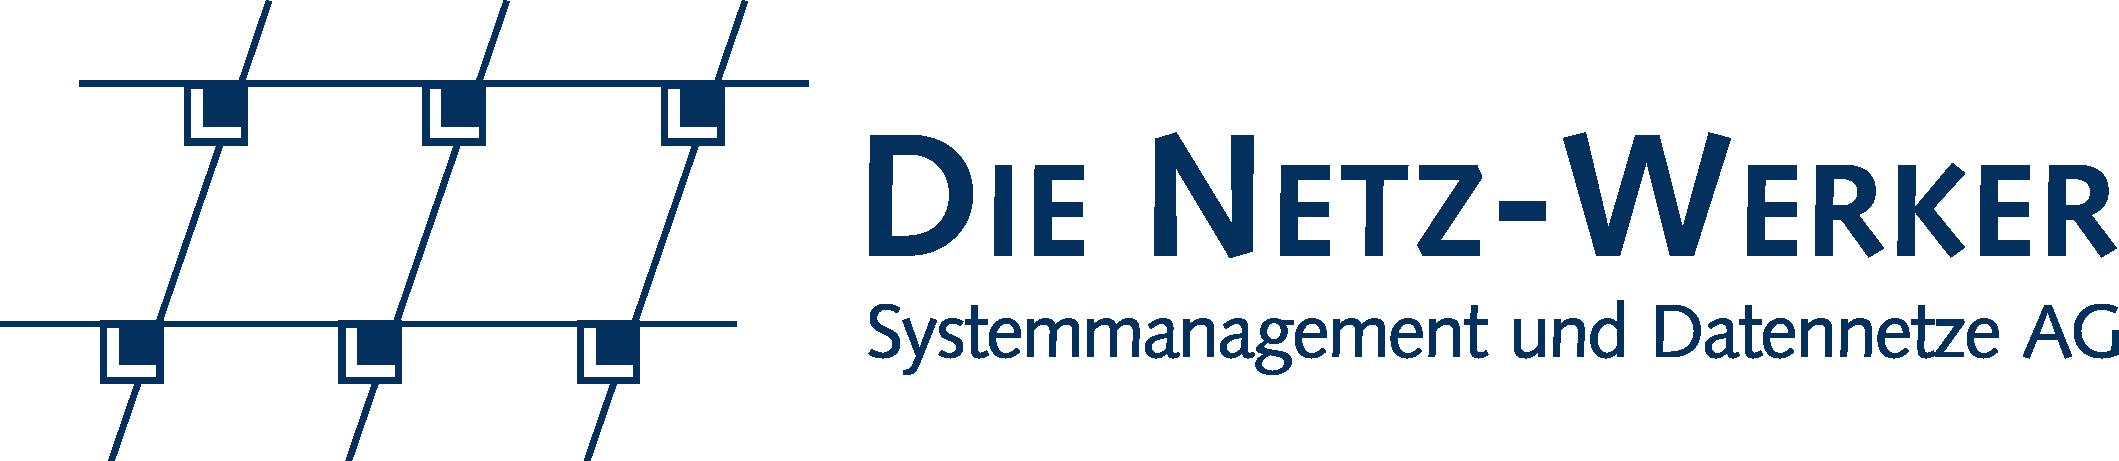 Die Netz-Werker AG